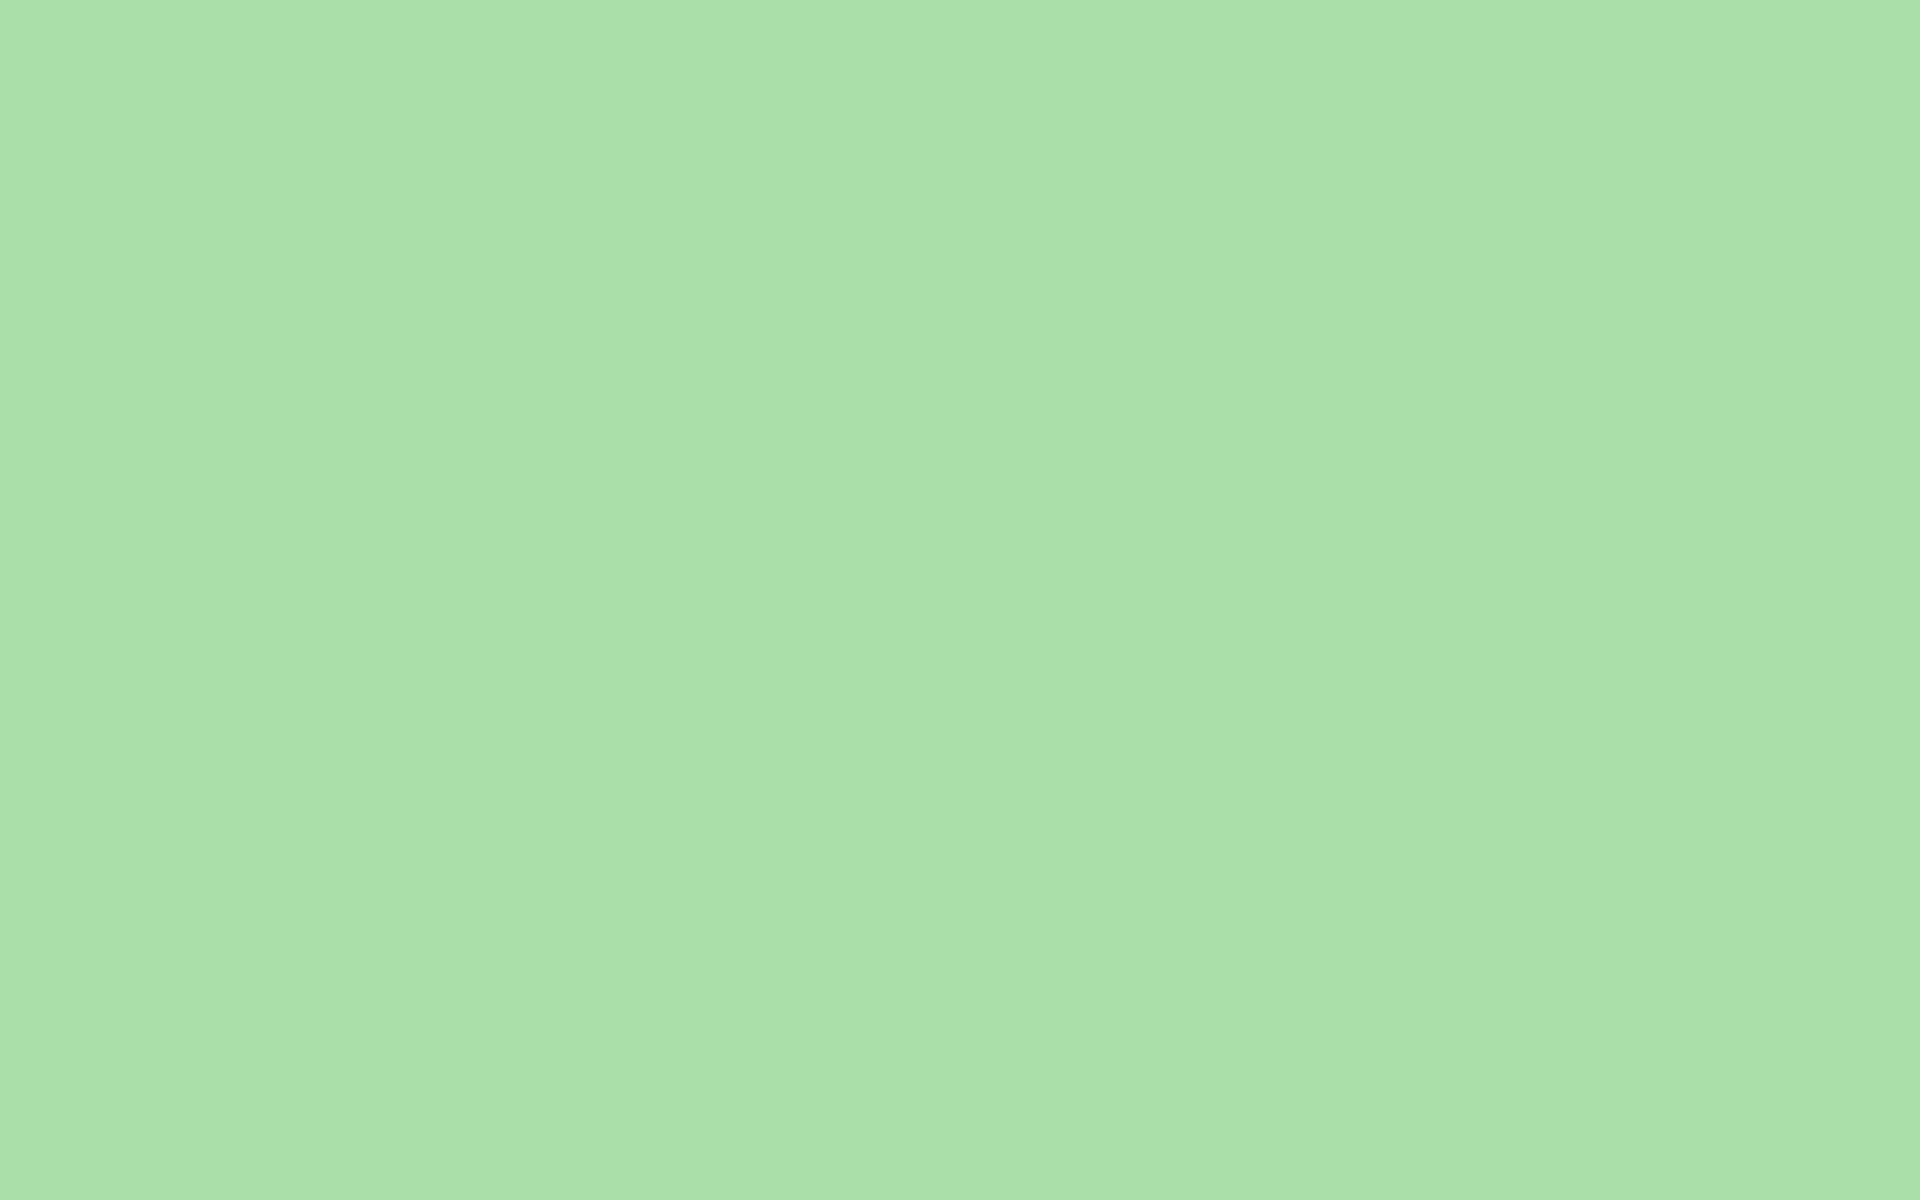 1920x1200 Màu xanh lục nhạt Hình nền rắn 49783 1920x1200px